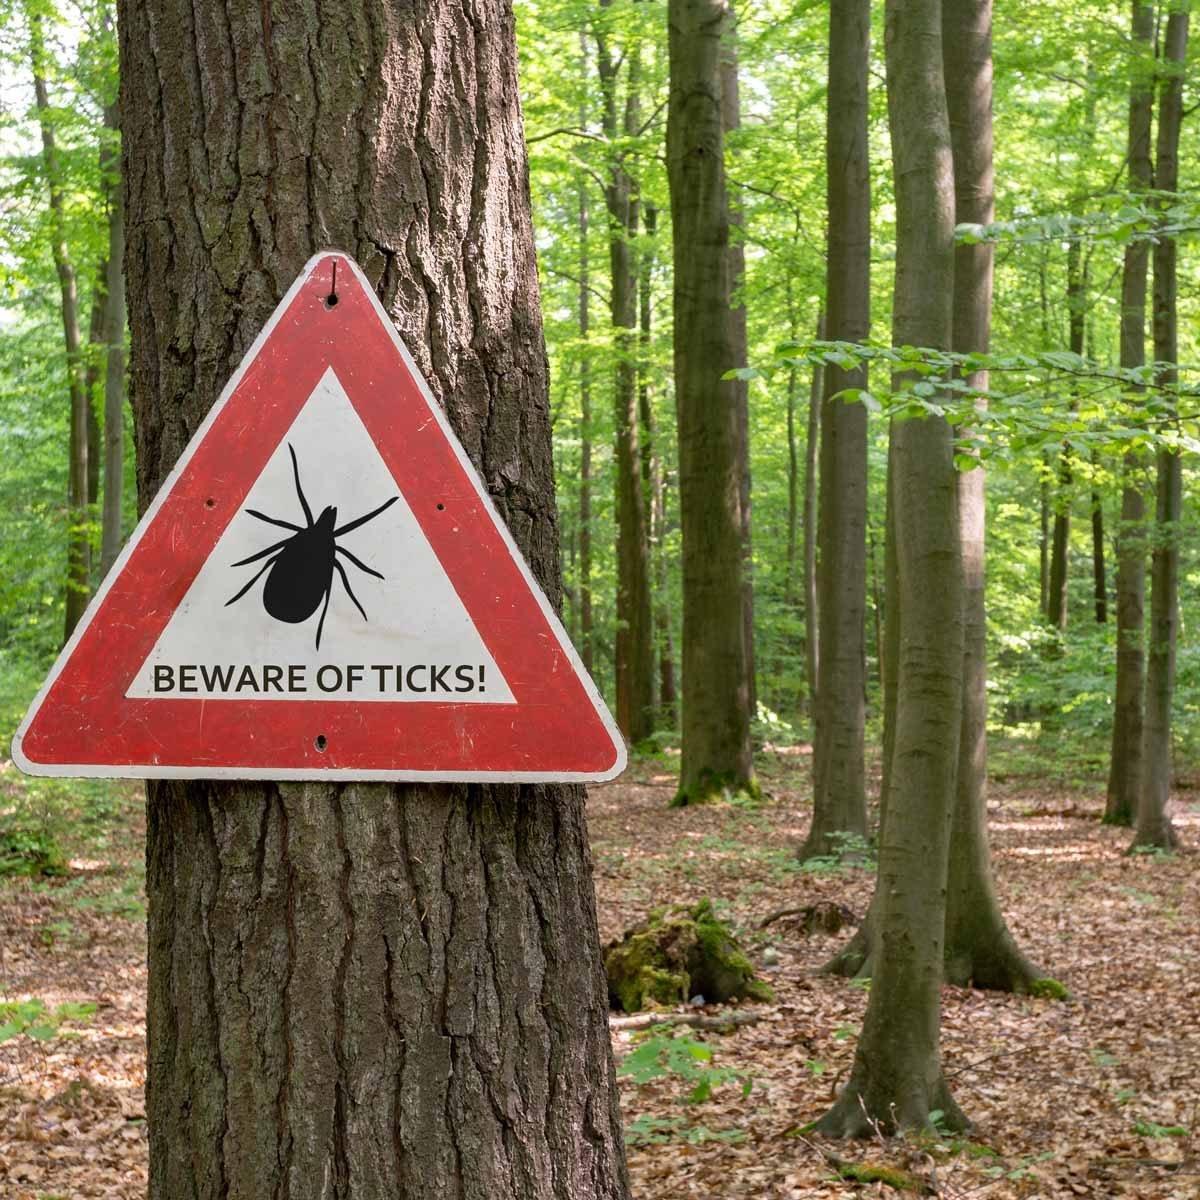 How to Avoid Deer Ticks